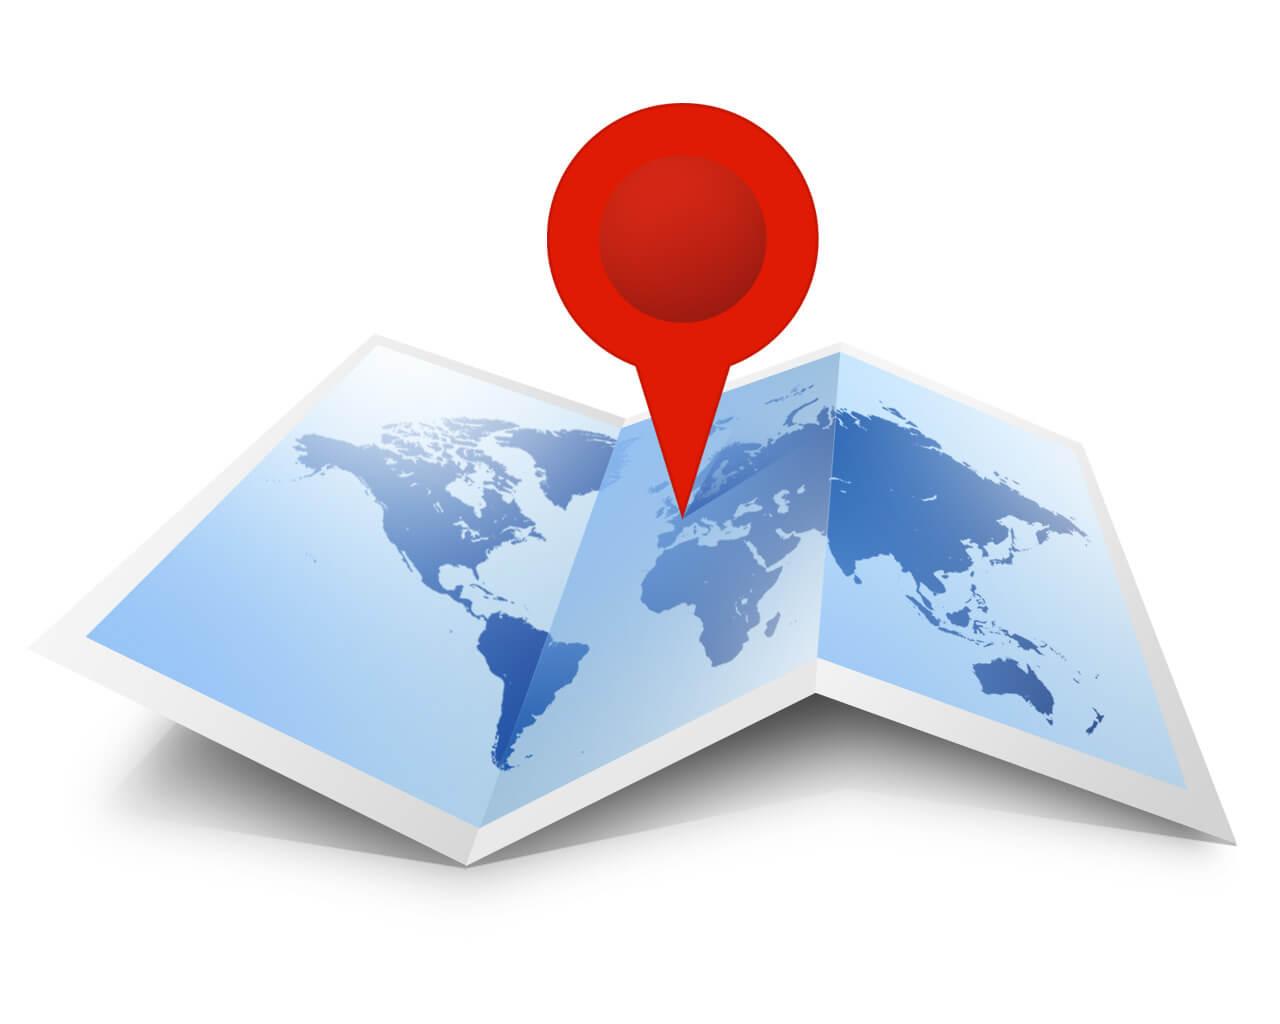 κατοικοι εξωτερικου [object object]psd world map icon